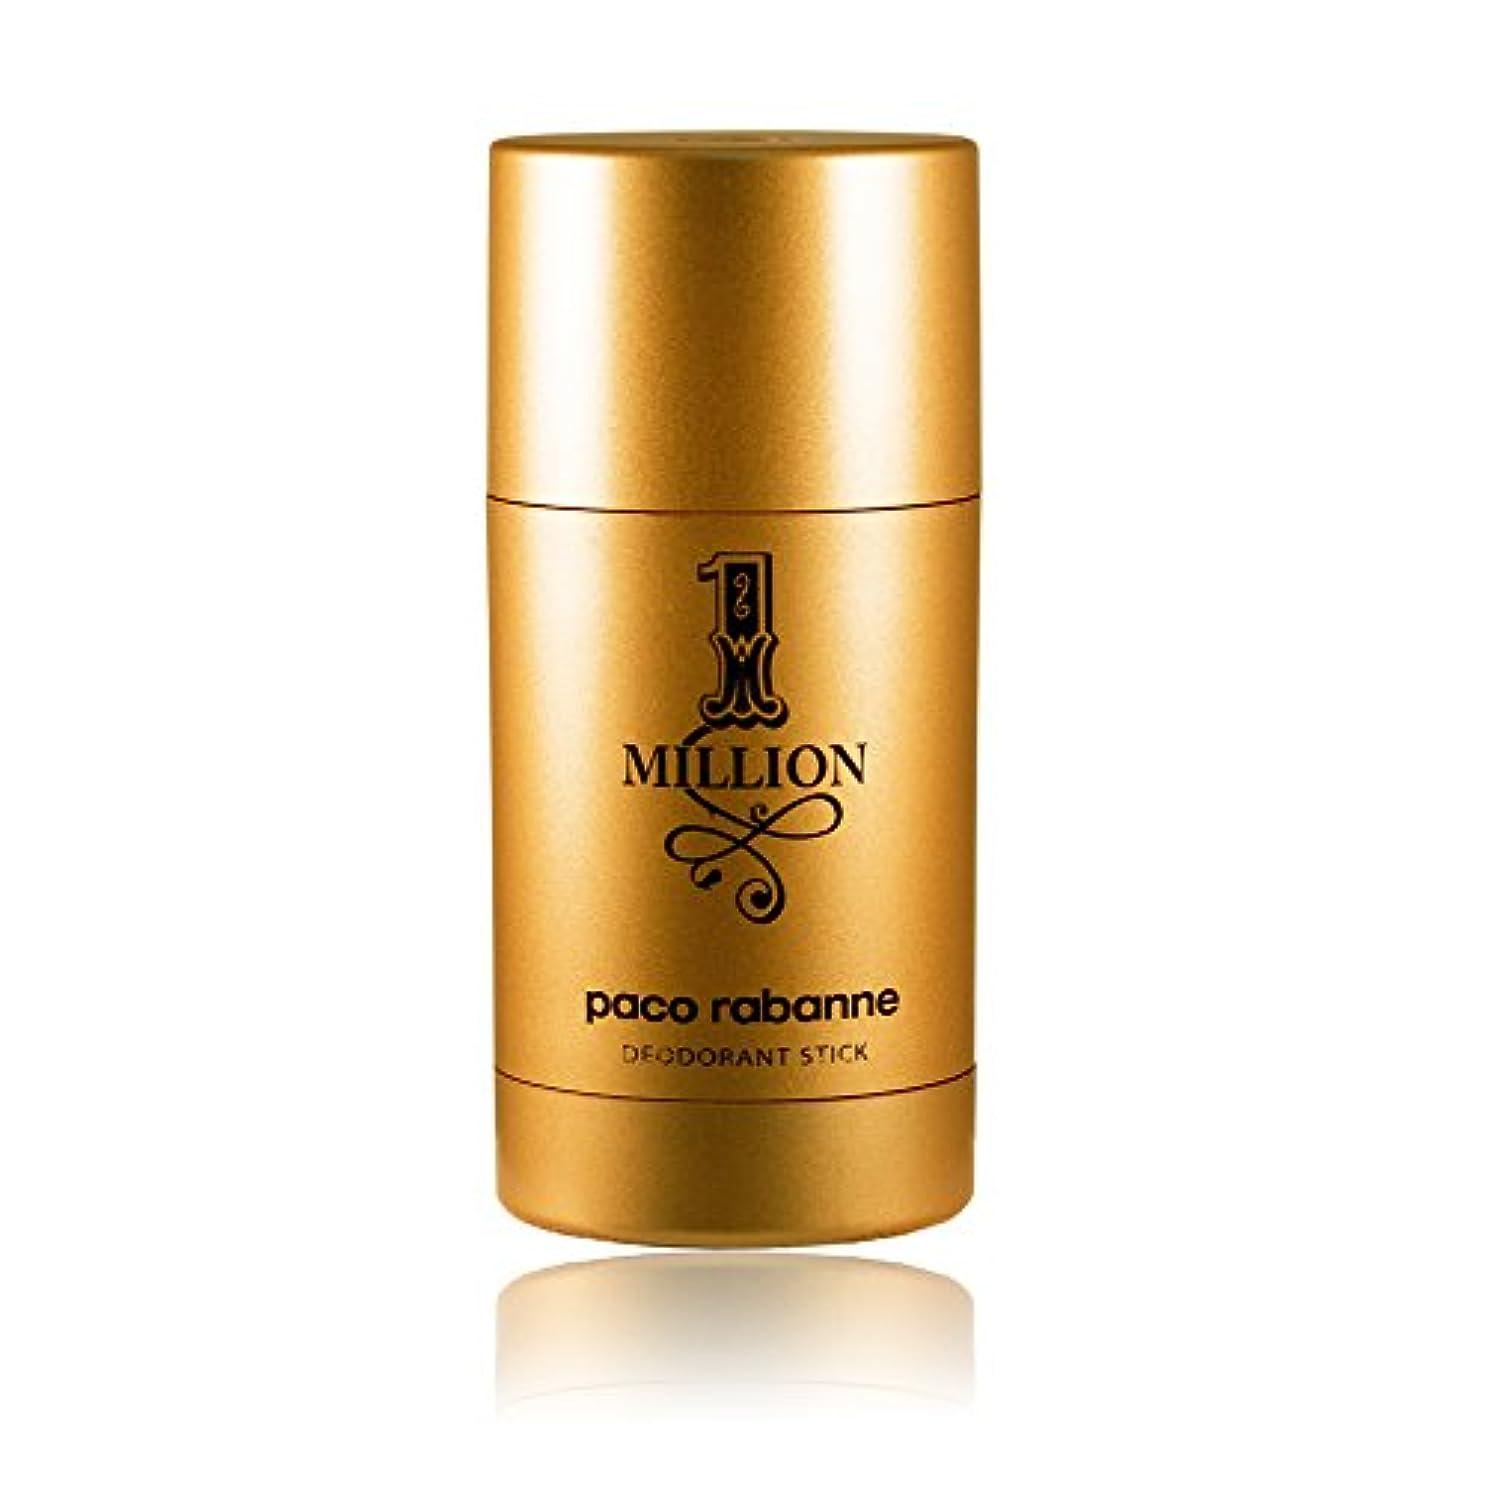 交通渋滞シリアル不十分Paco Rabanne ONE MILLION deodorant stick 75ml [海外直送品] [並行輸入品]